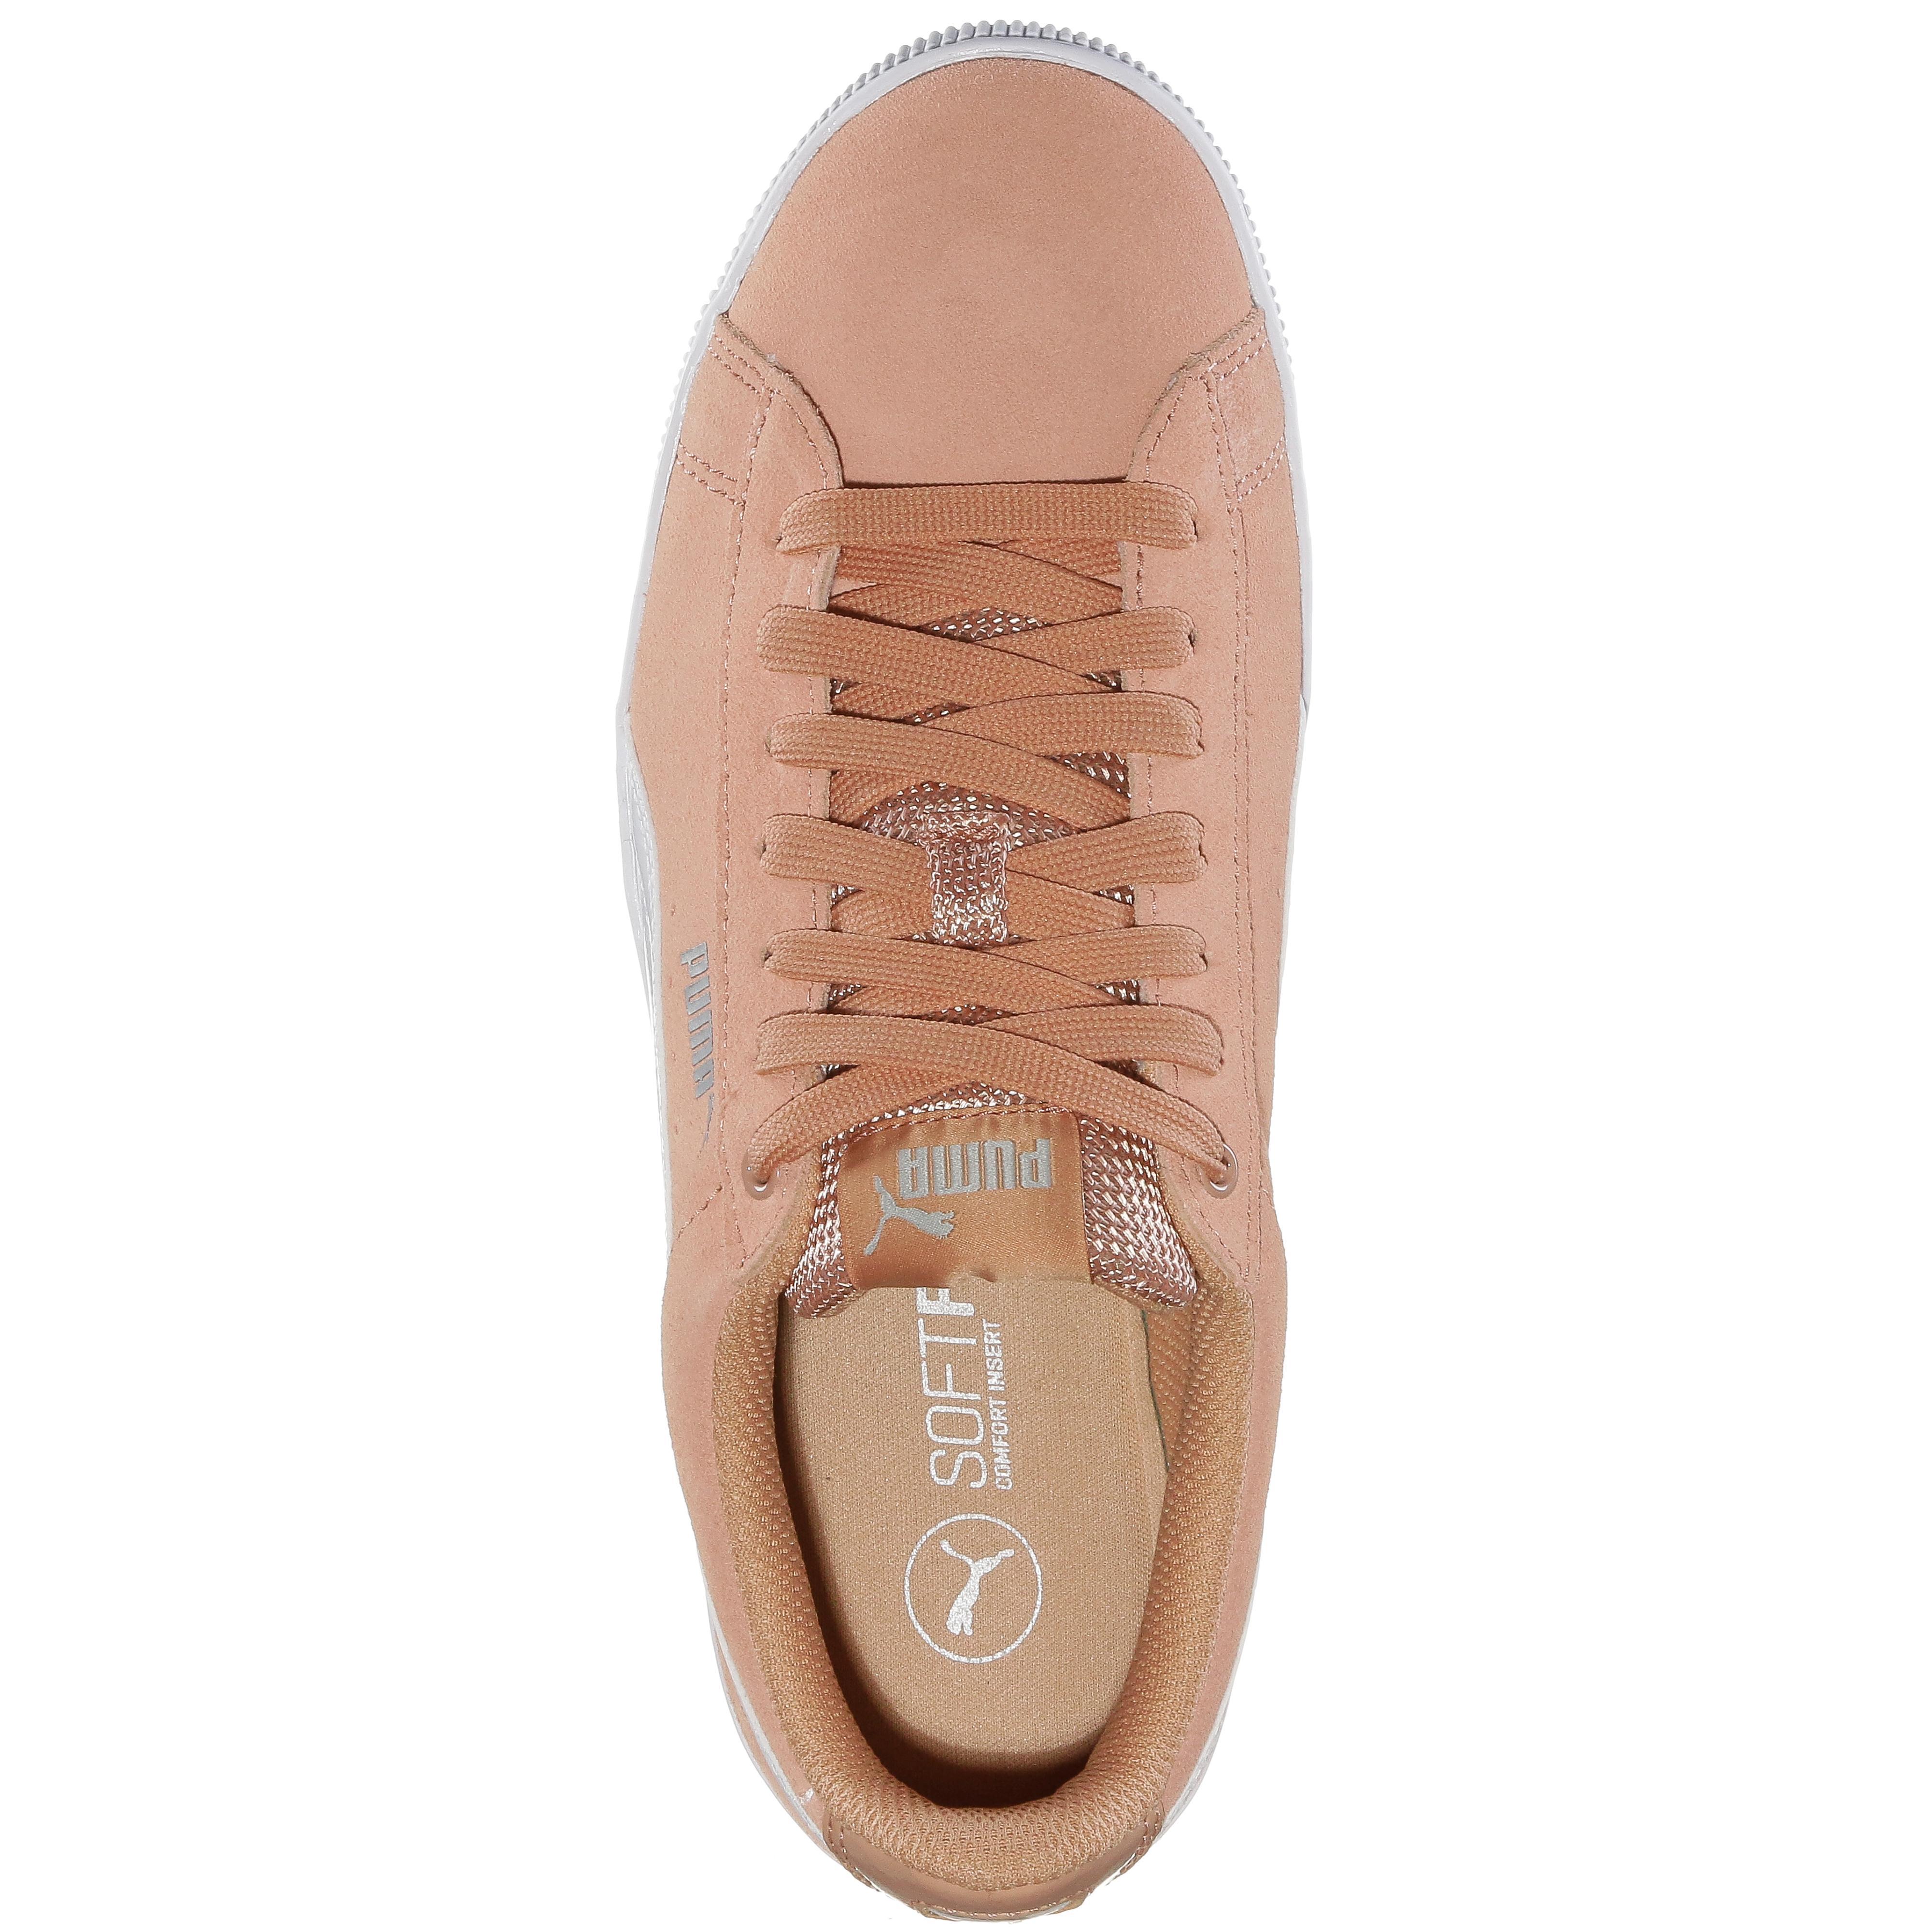 PUMA VIKKY PLATFORM Turnschuhe Damen dusty coral-puma Online Weiß im Online coral-puma Shop von SportScheck kaufen Gute Qualität beliebte Schuhe 842056